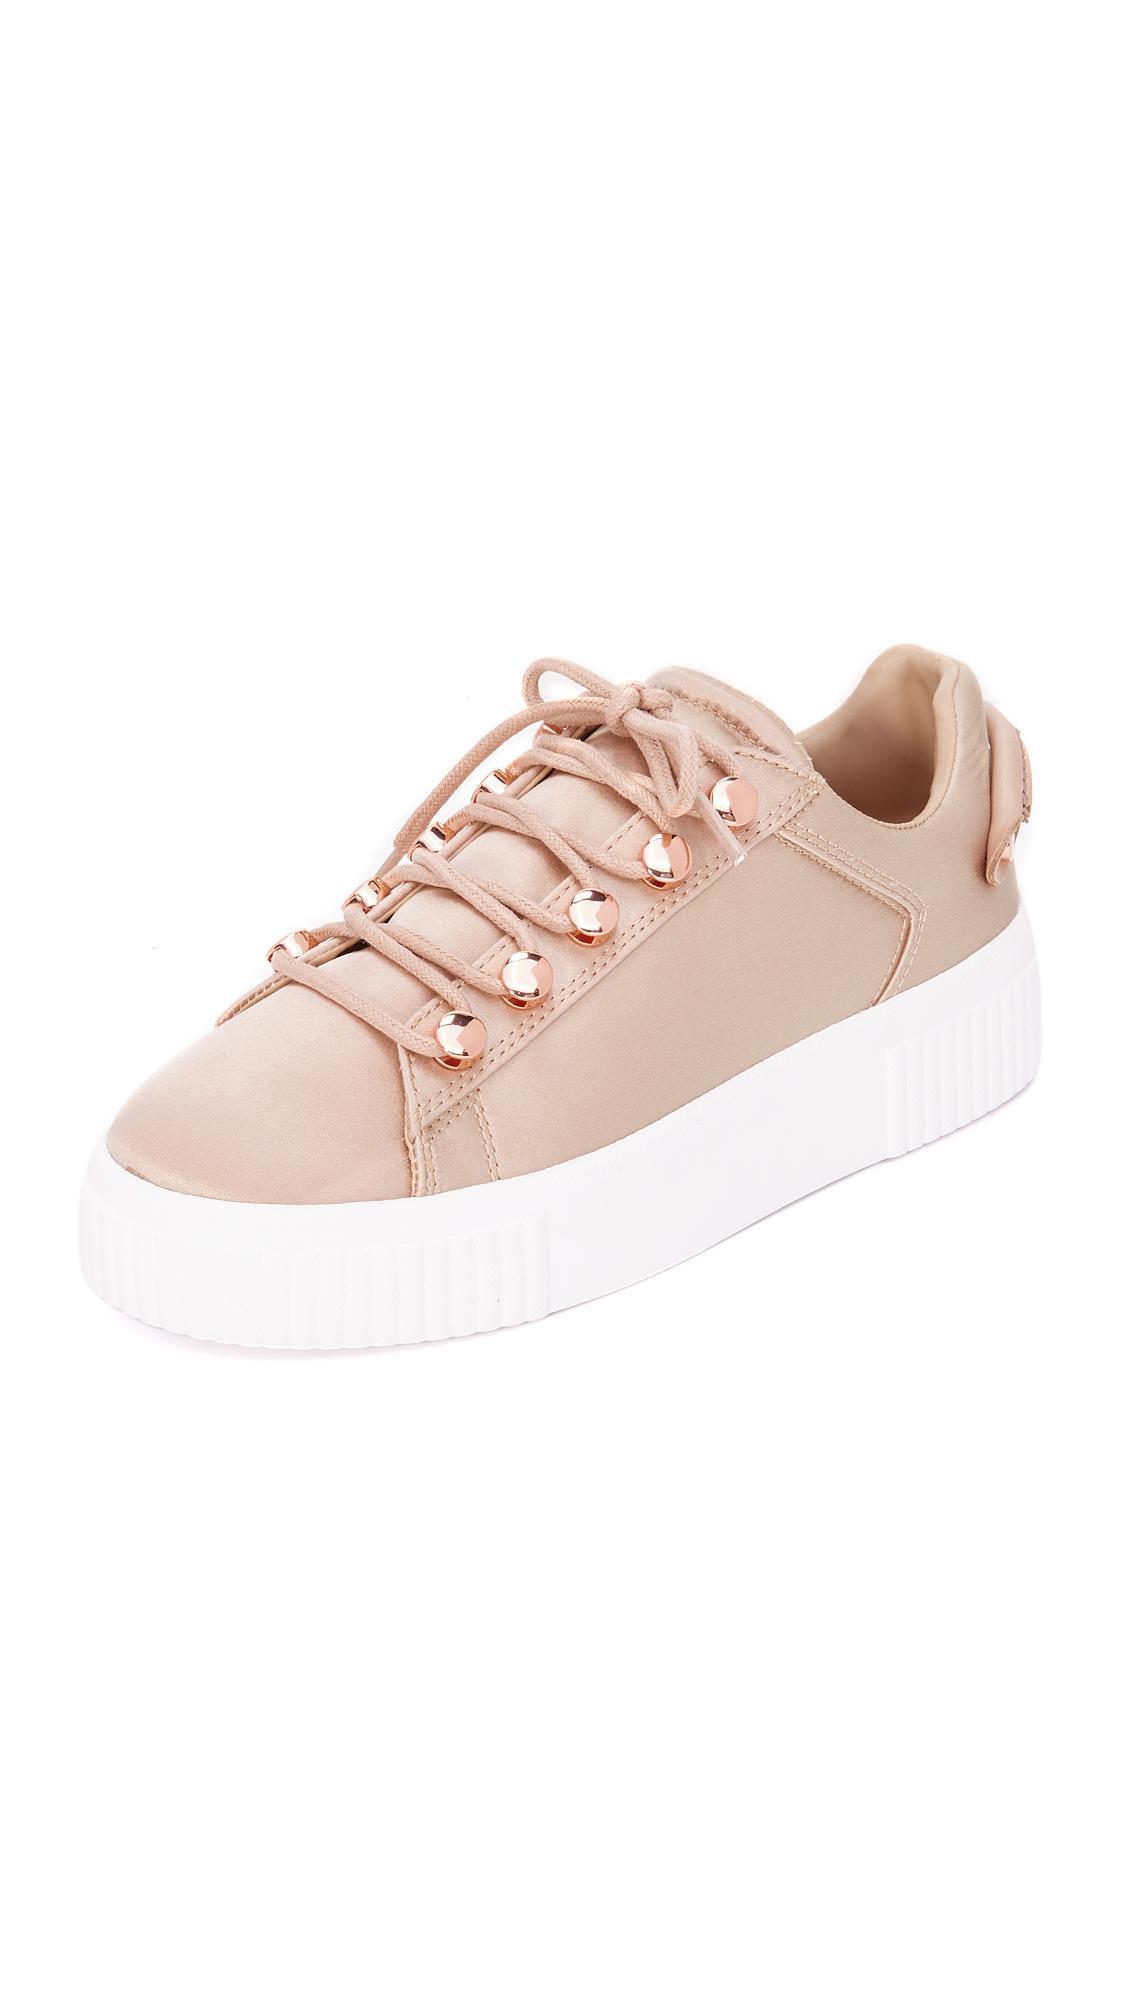 KENDALL + KYLIE Rae3 Satin Platform Sneakers sX4eKGP